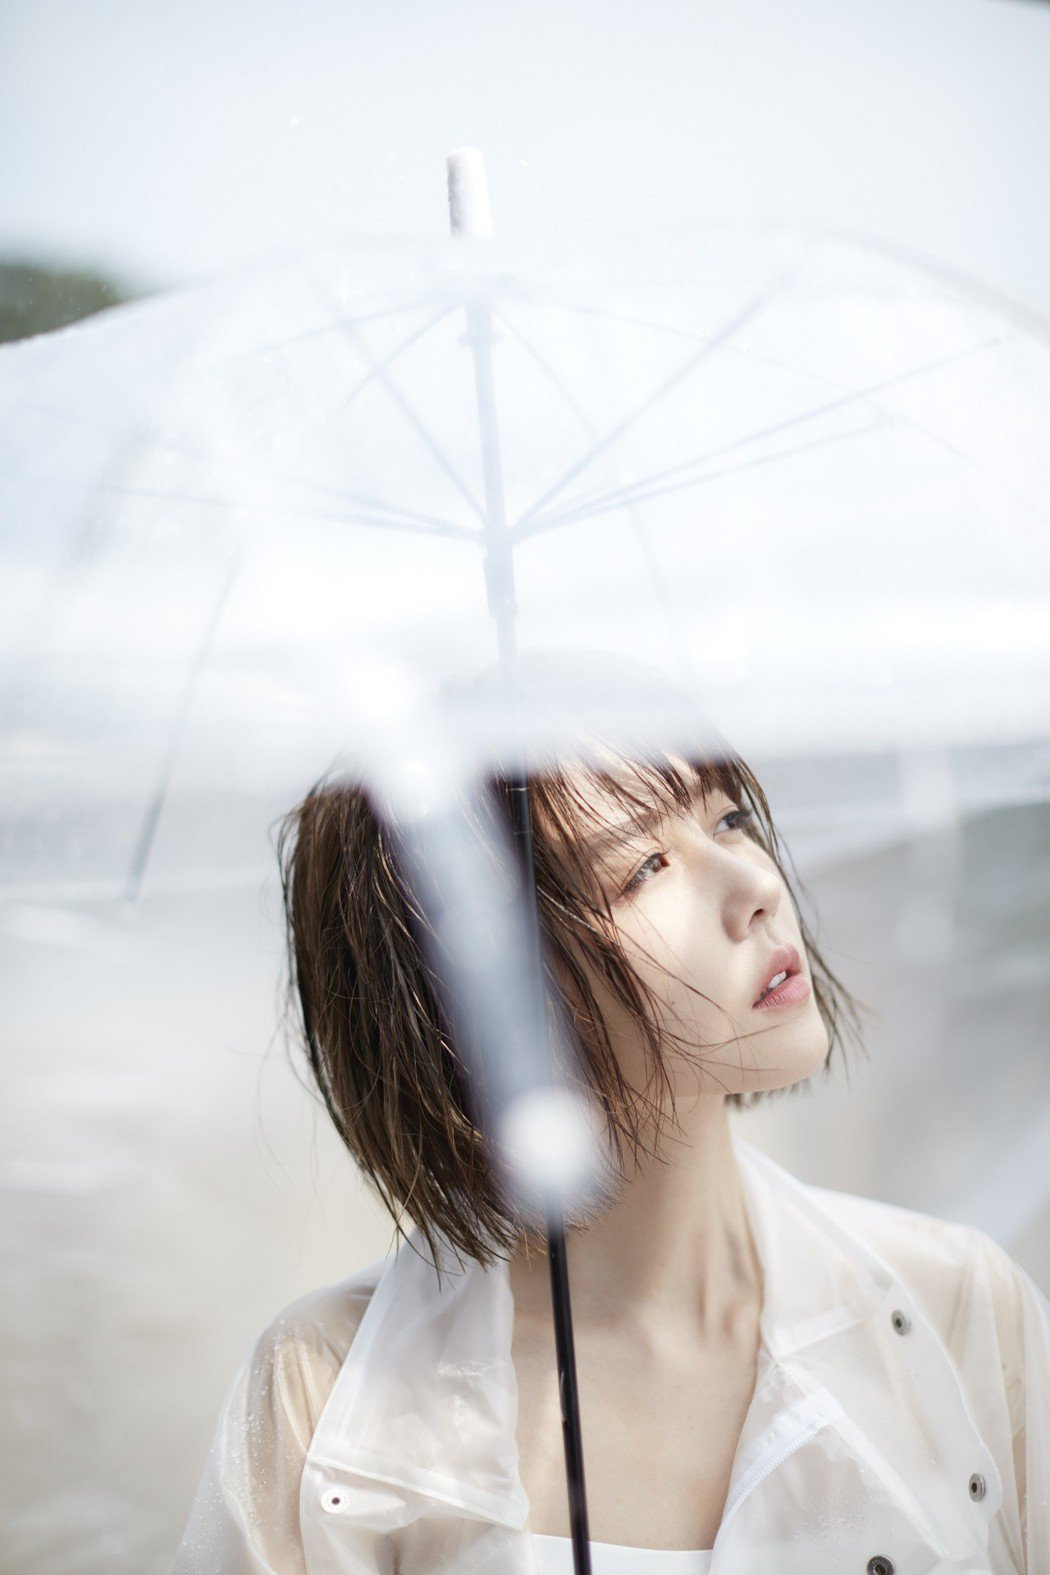 邵雨薇走出戲劇舒適圈跨足歌壇,挑戰「歌手」新身分。圖/寬宏藝術提供